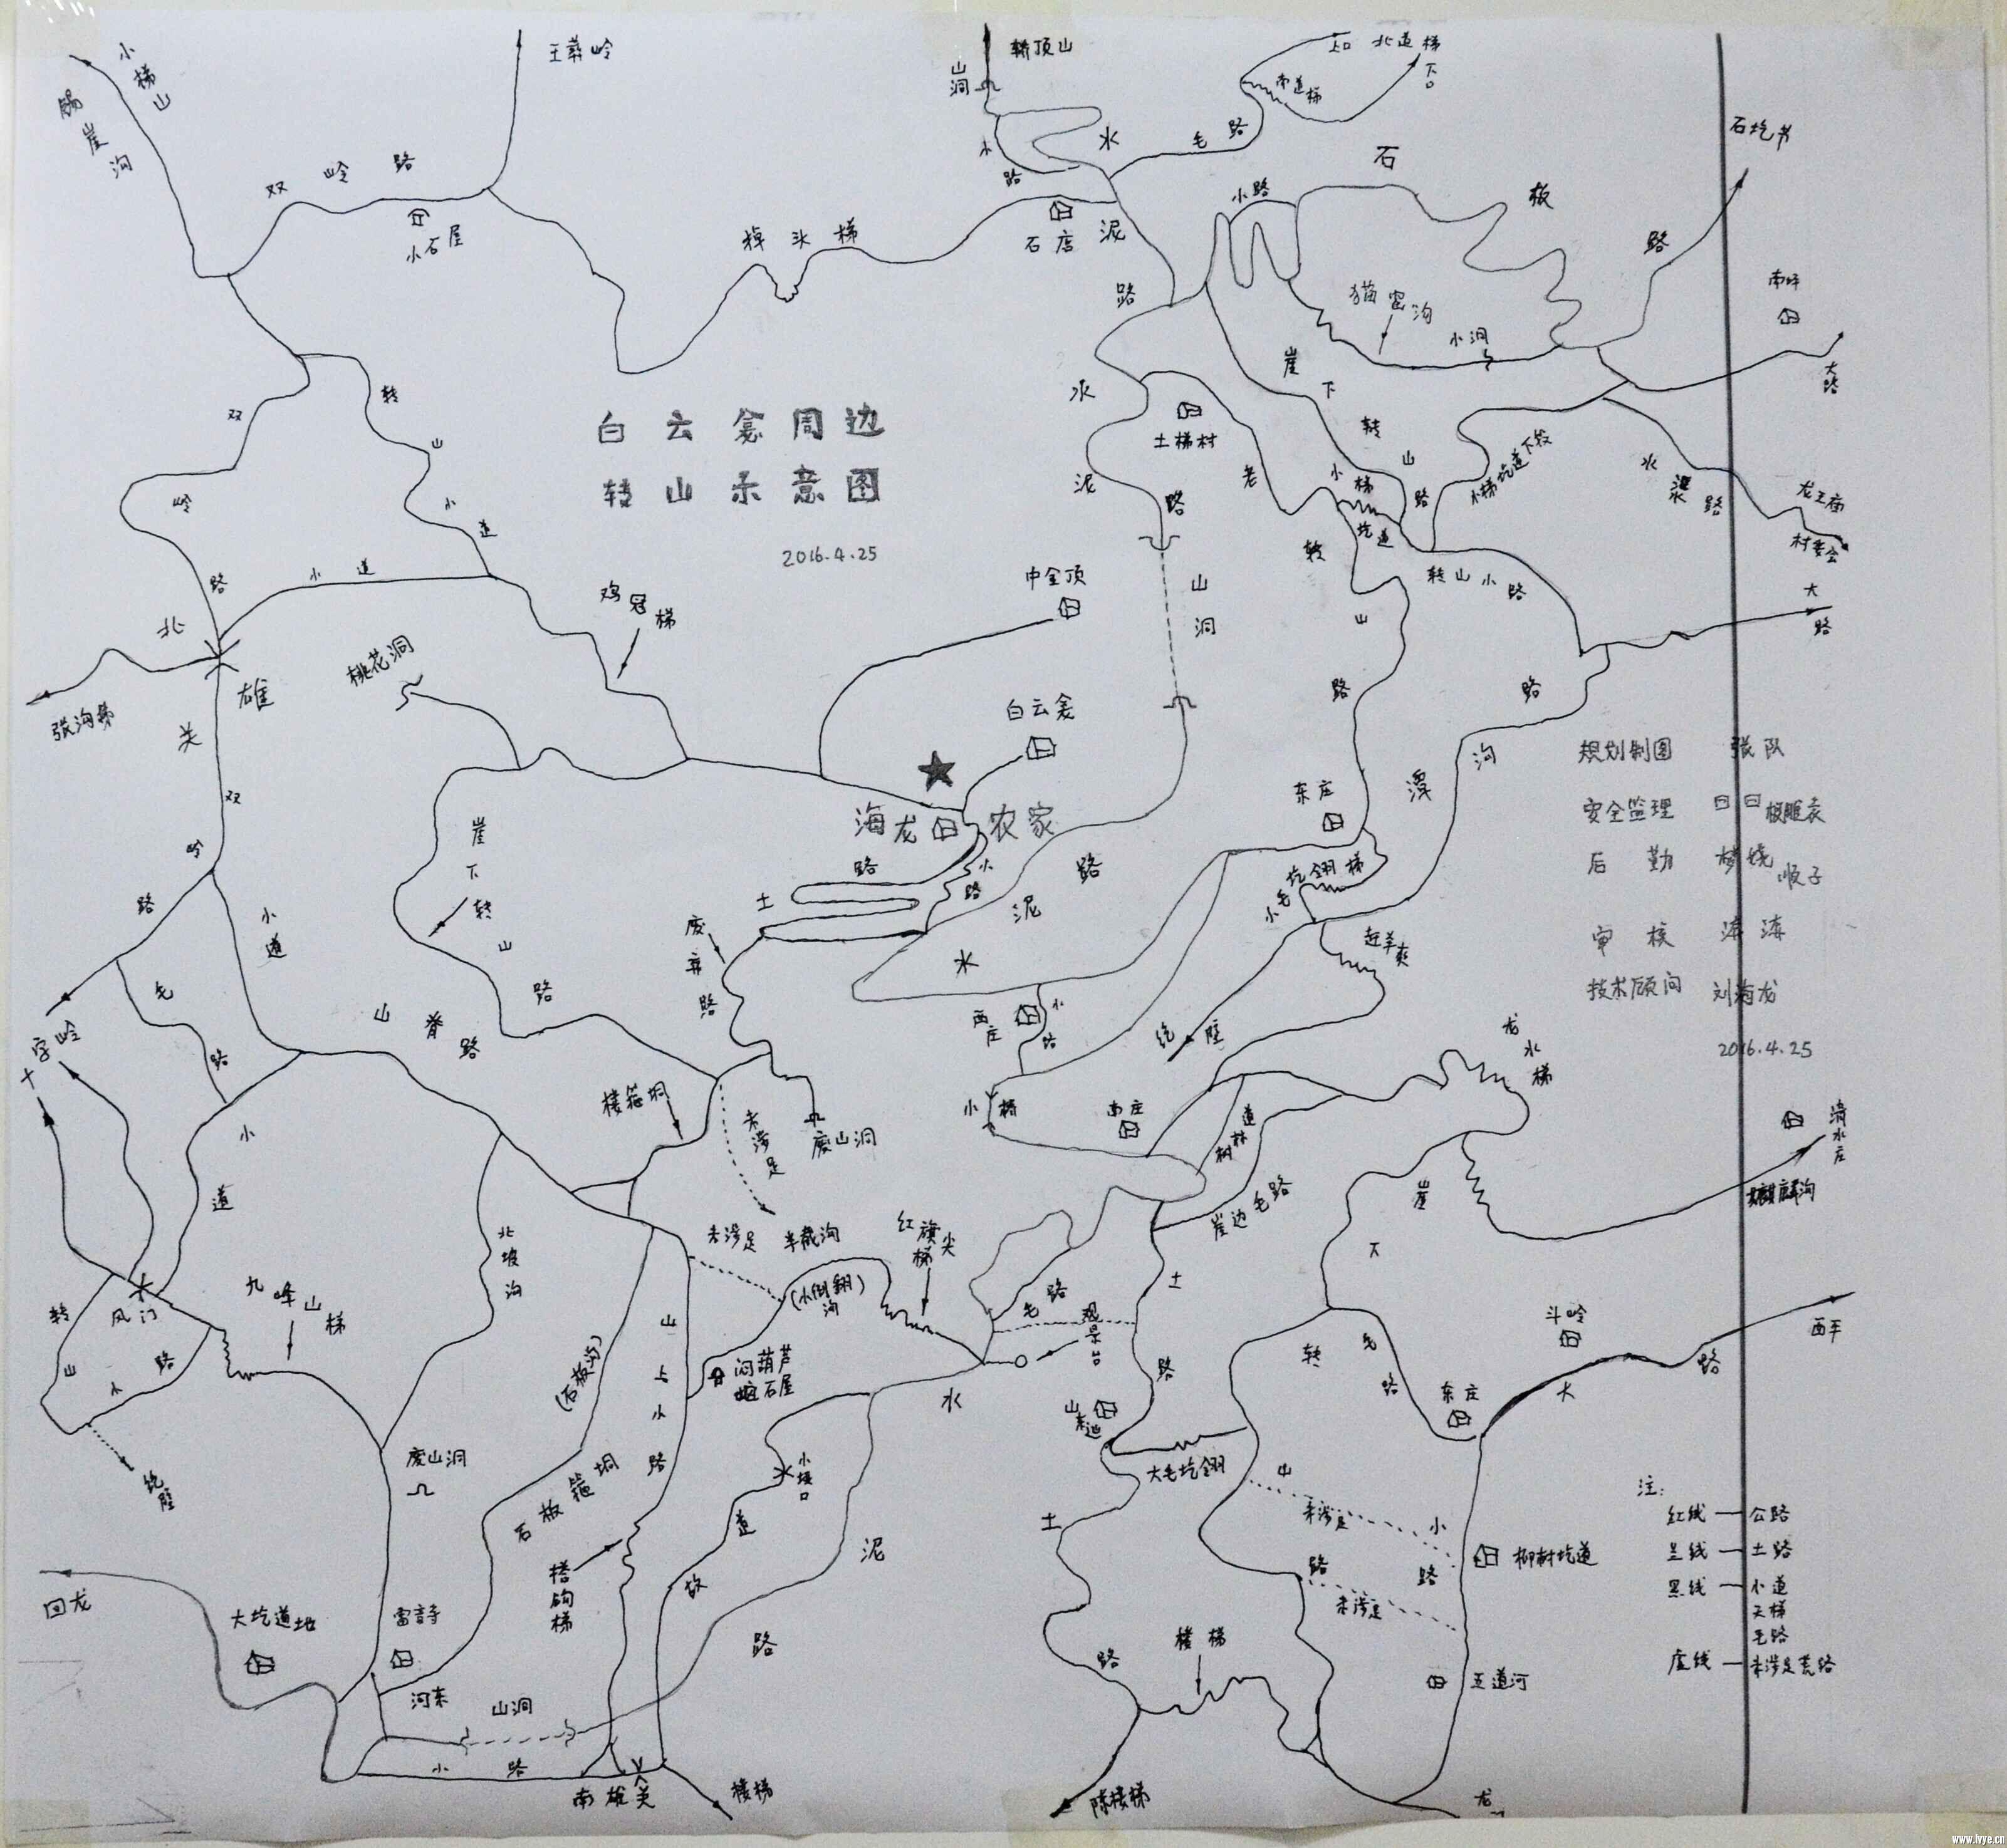 南太行白云龛周边转山手绘地图-新乡-河南-绿野户外网